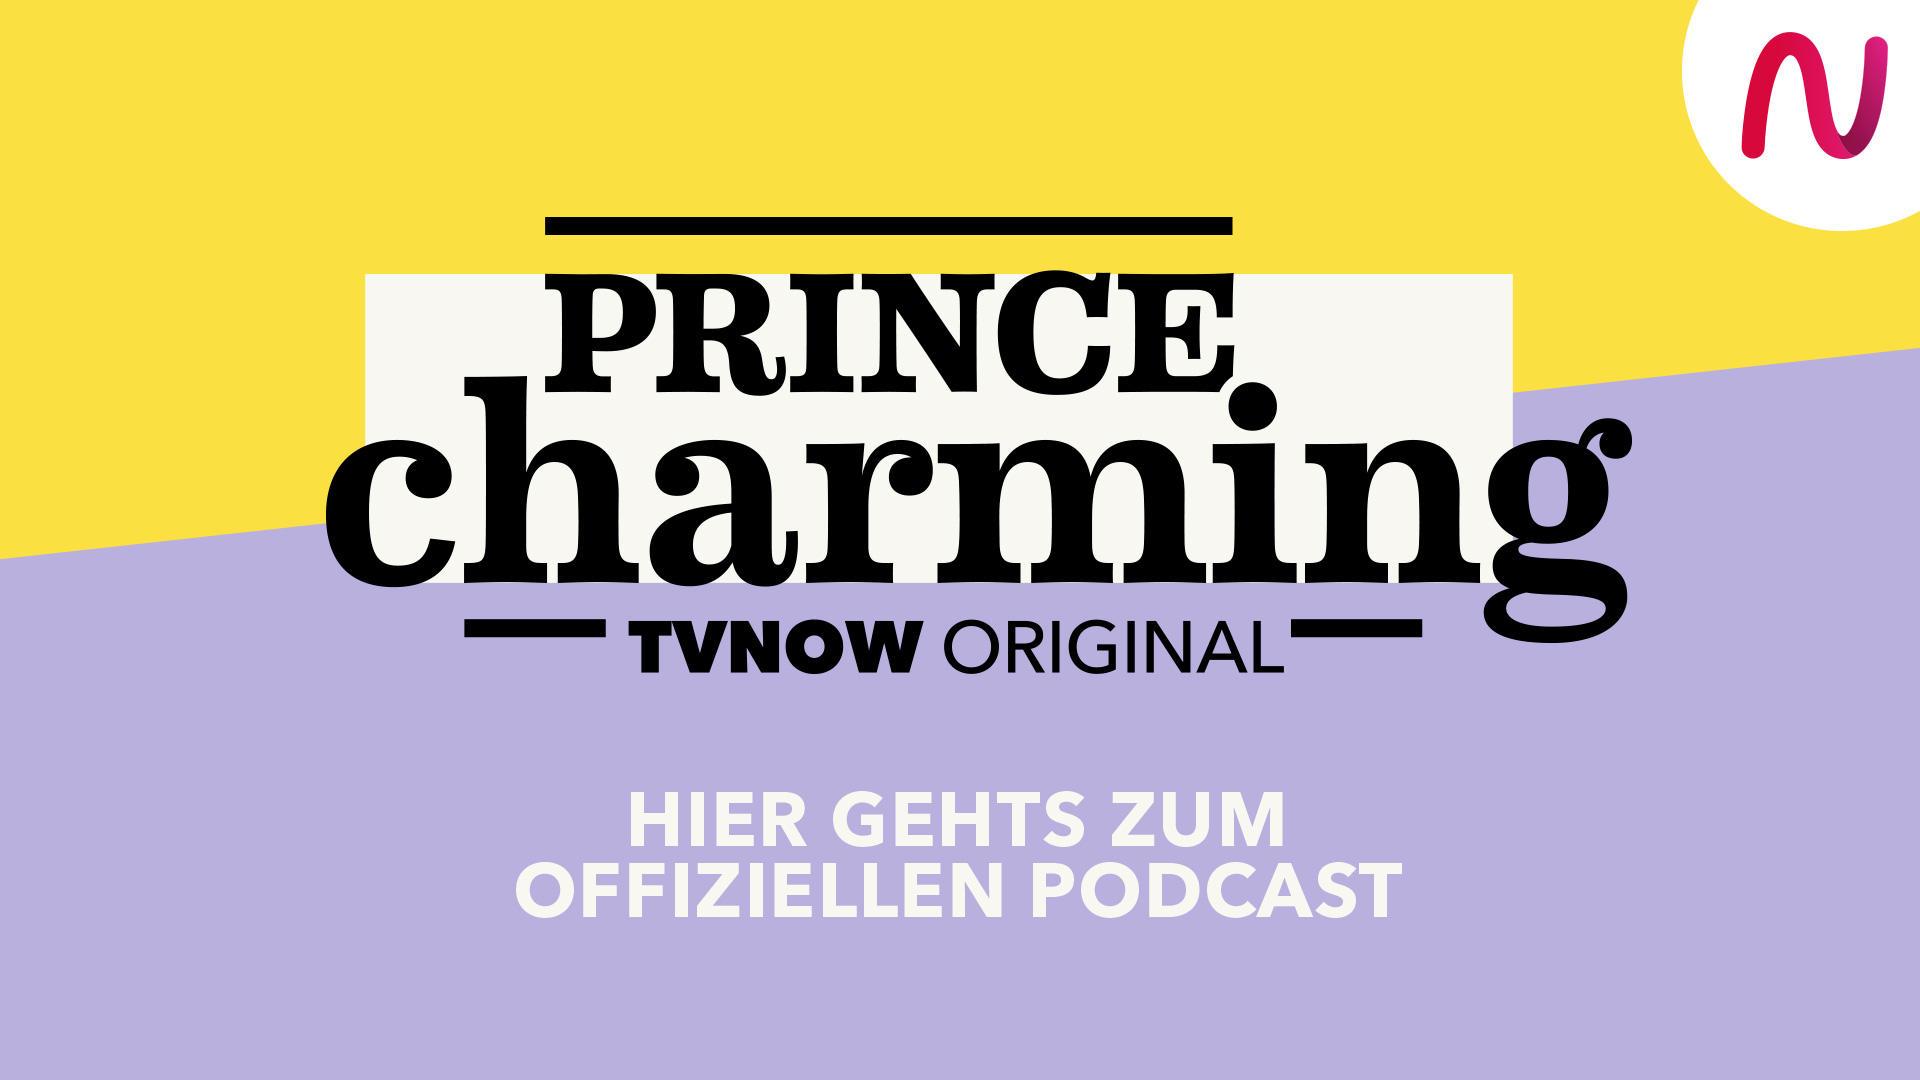 Der offizielle Podcast zur Show